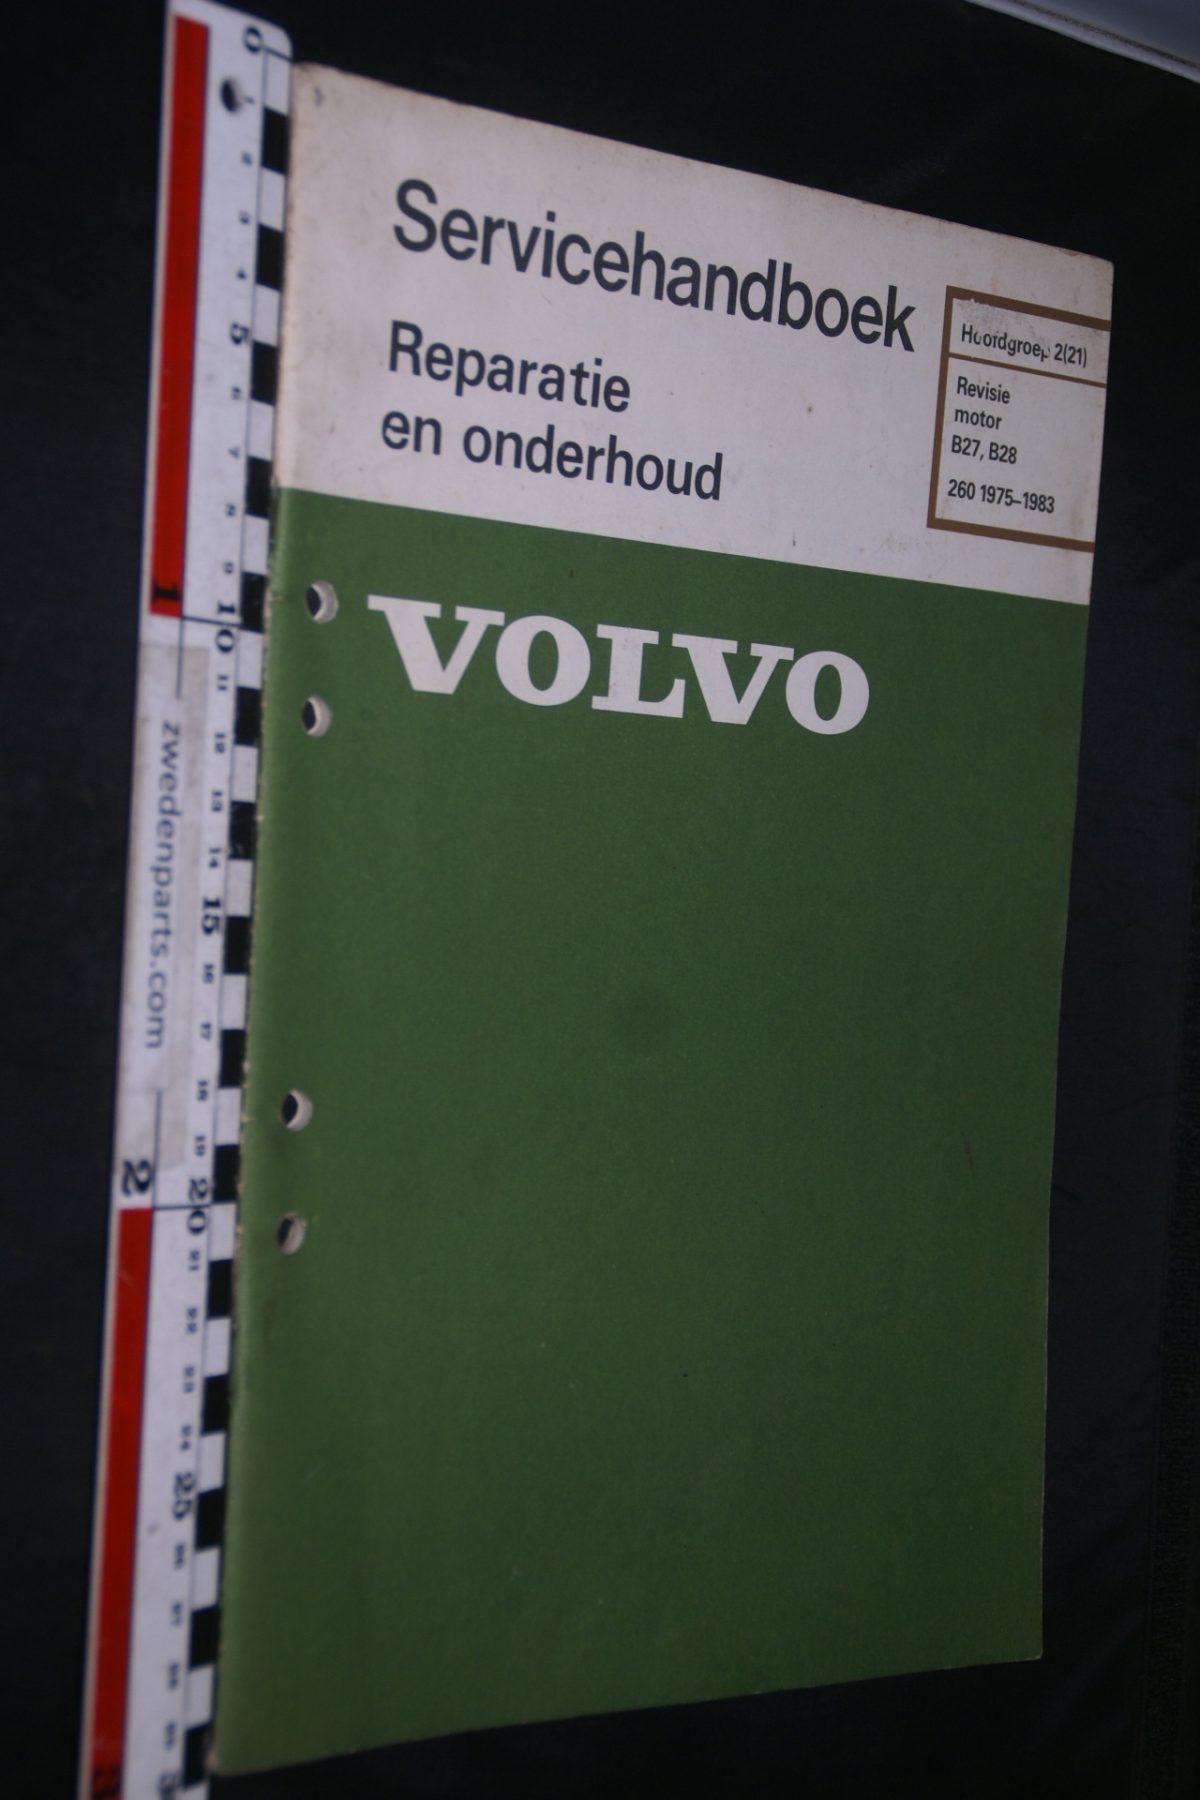 DSC06766 1982 origineel Volvo 260 servicehandboek 2(21) revisie motor B27, B28 1 van 800 TP 30451-1